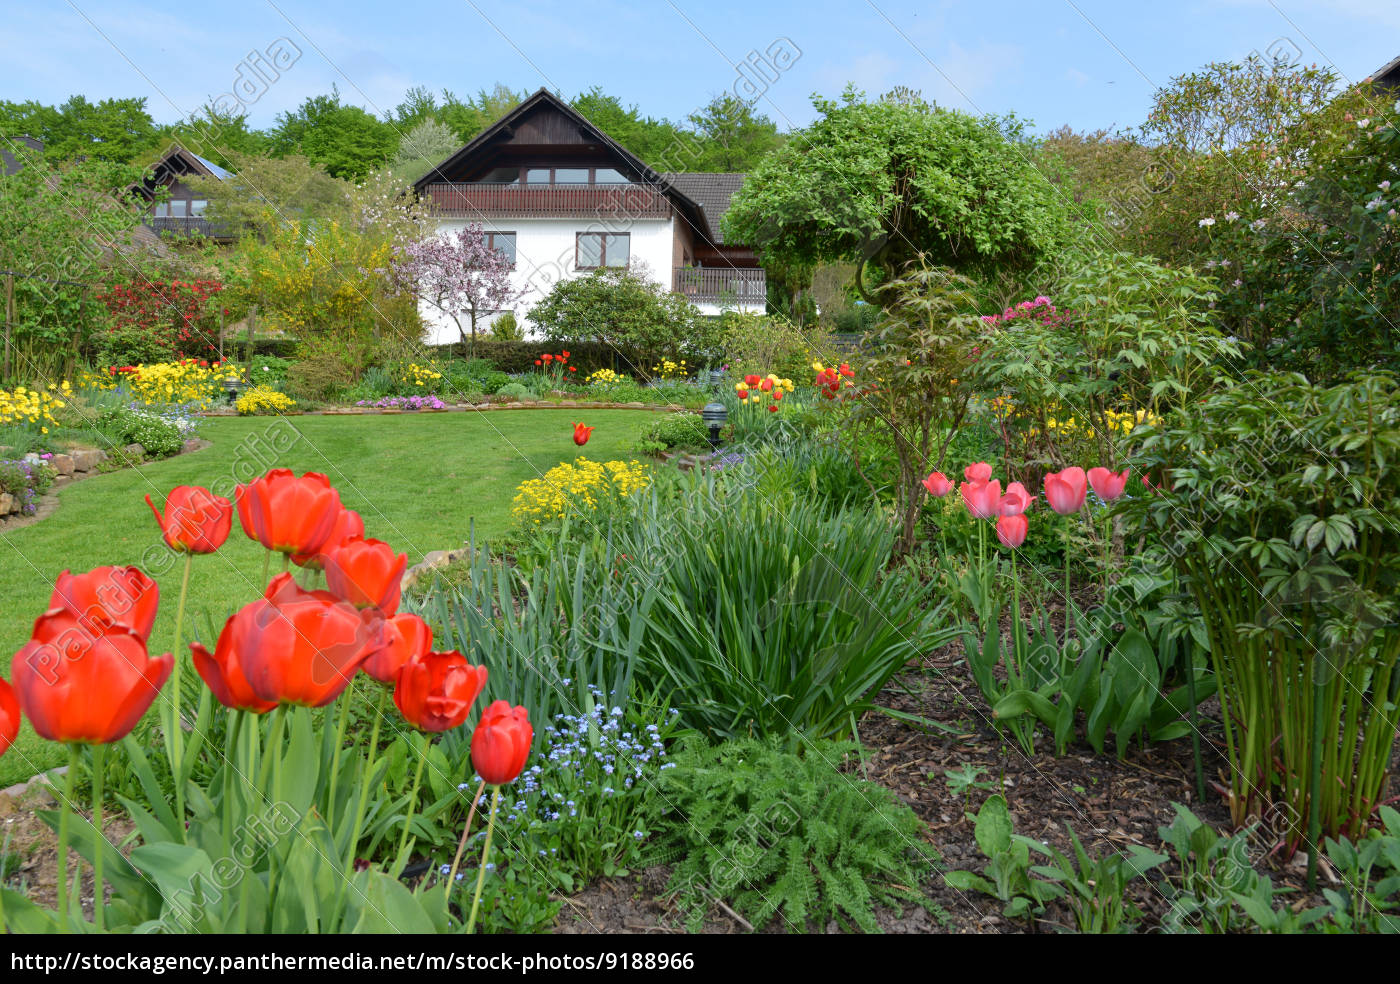 Schöner Garten im Frühling - Stock Photo - #9188966 - Bildagentur ...